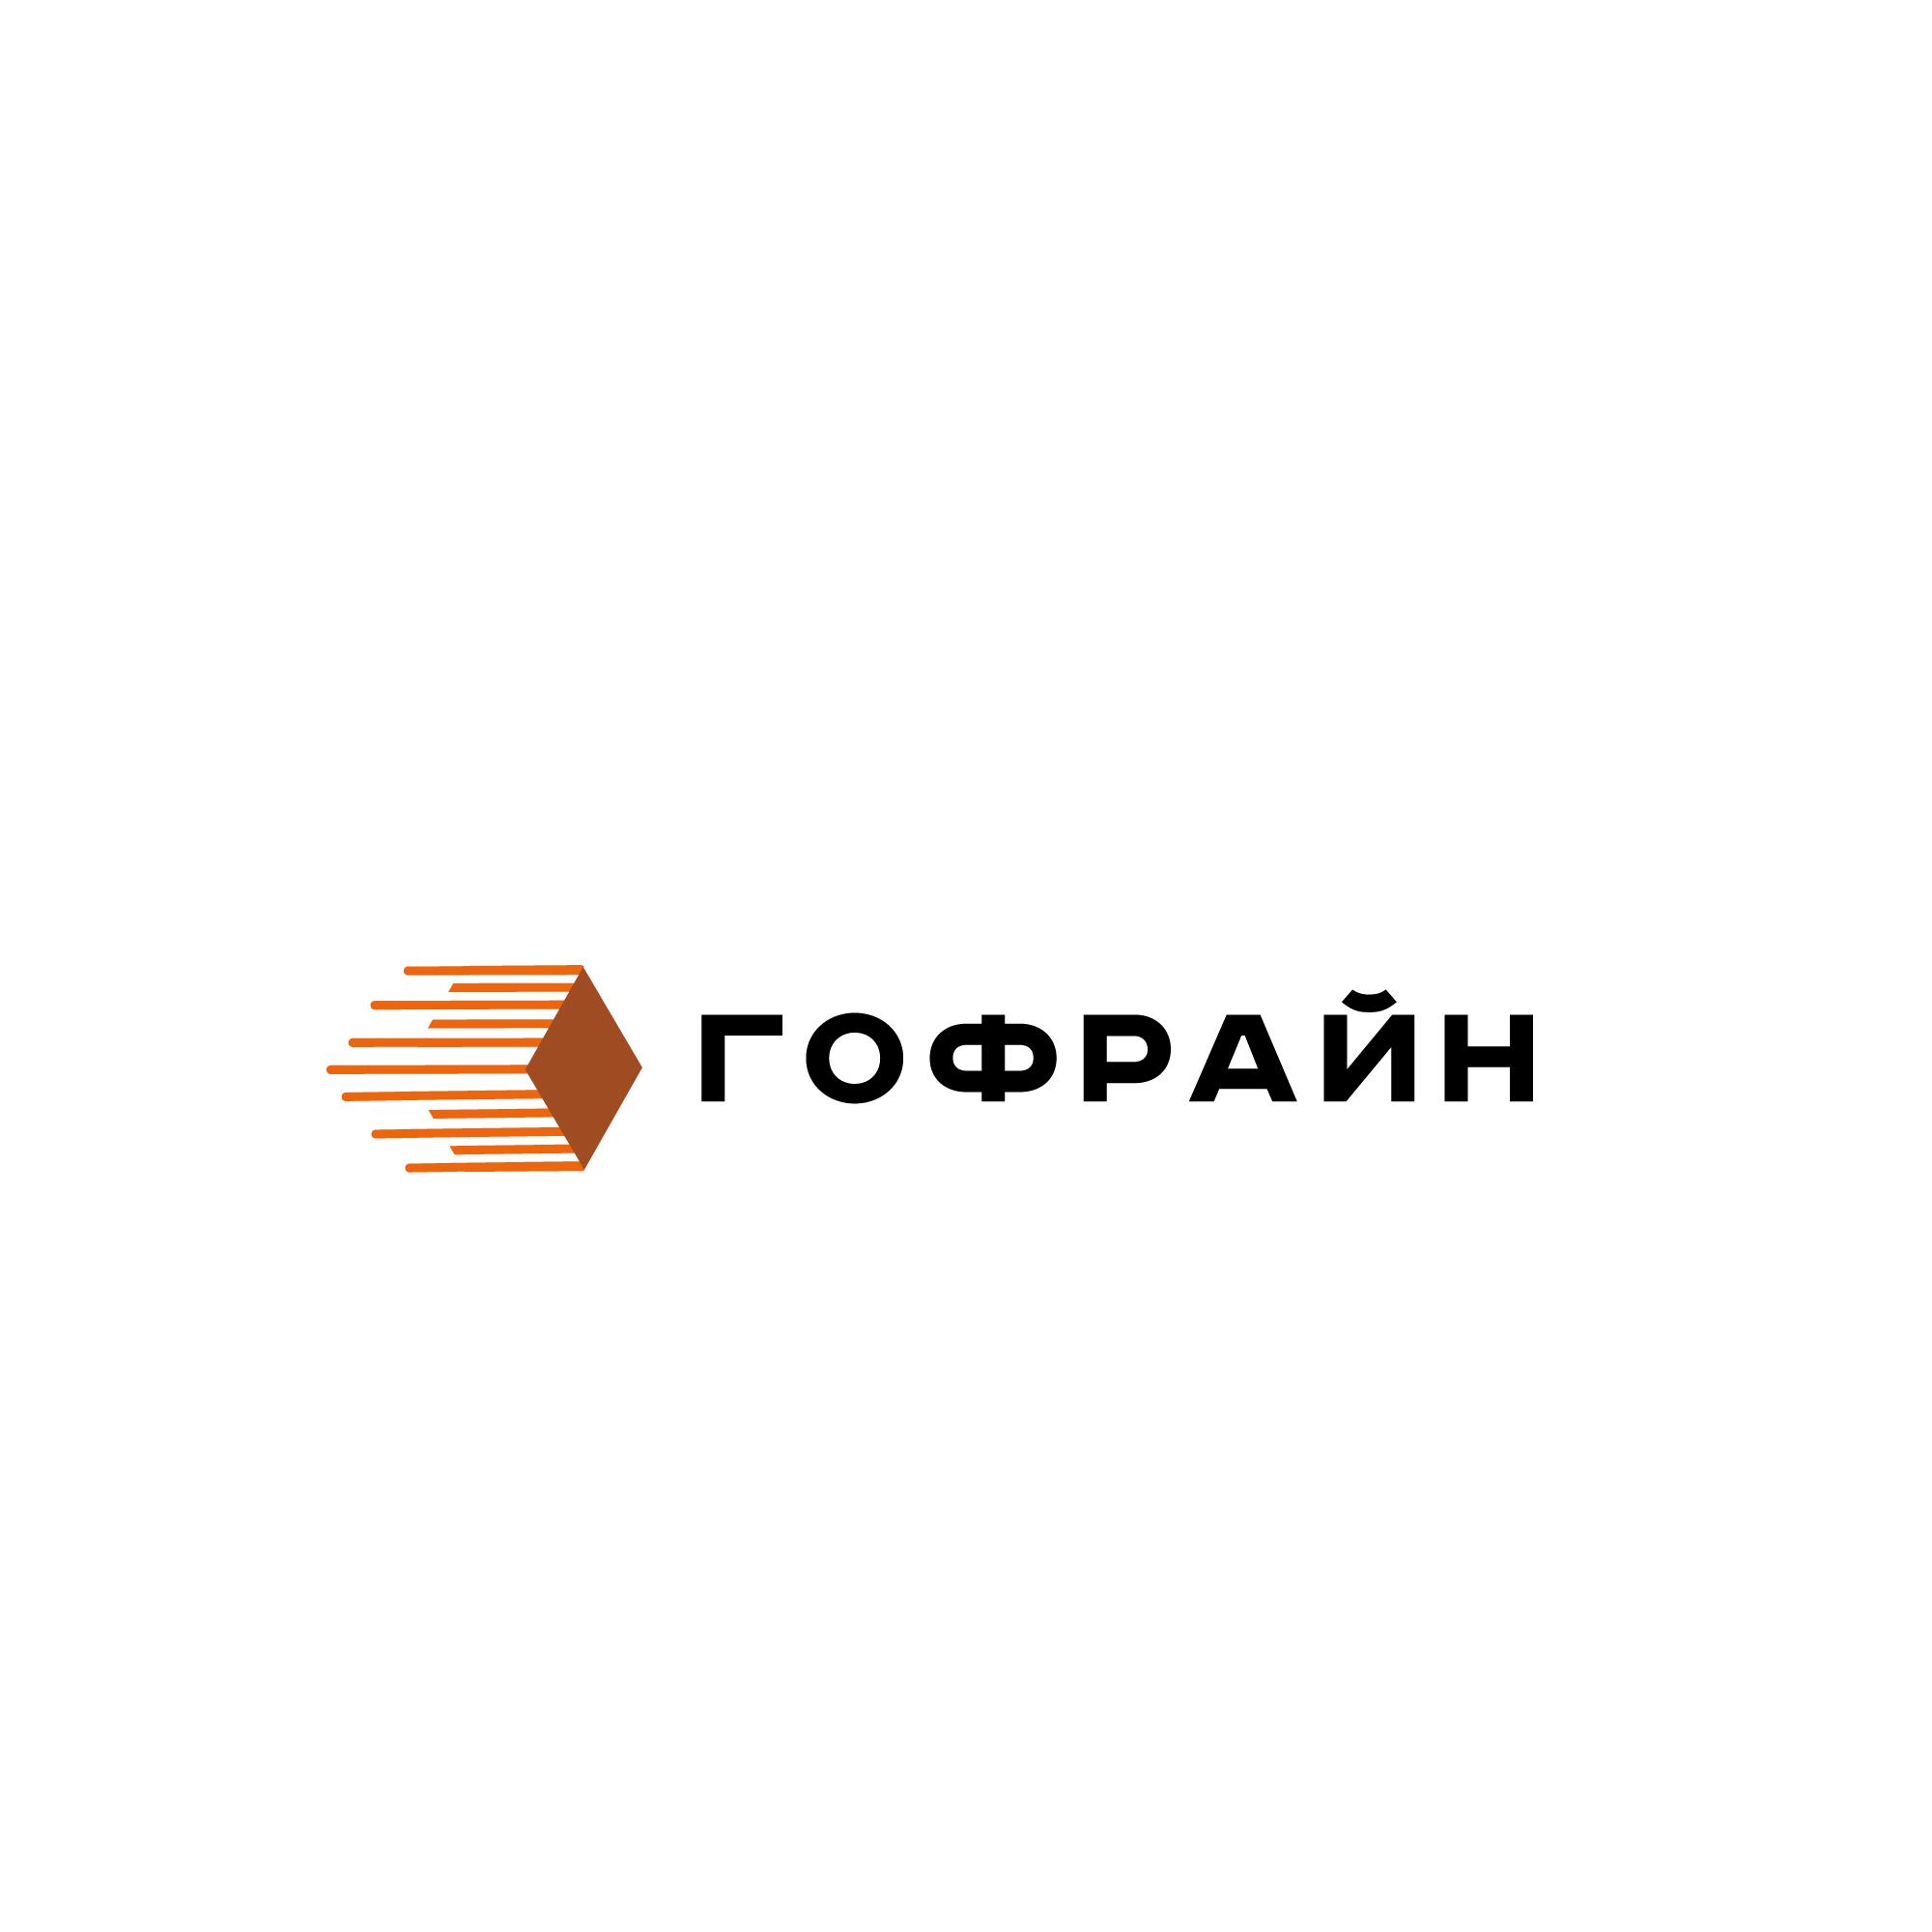 Логотип для компании по реализации упаковки из гофрокартона фото f_8705ce271ca4bf35.jpg